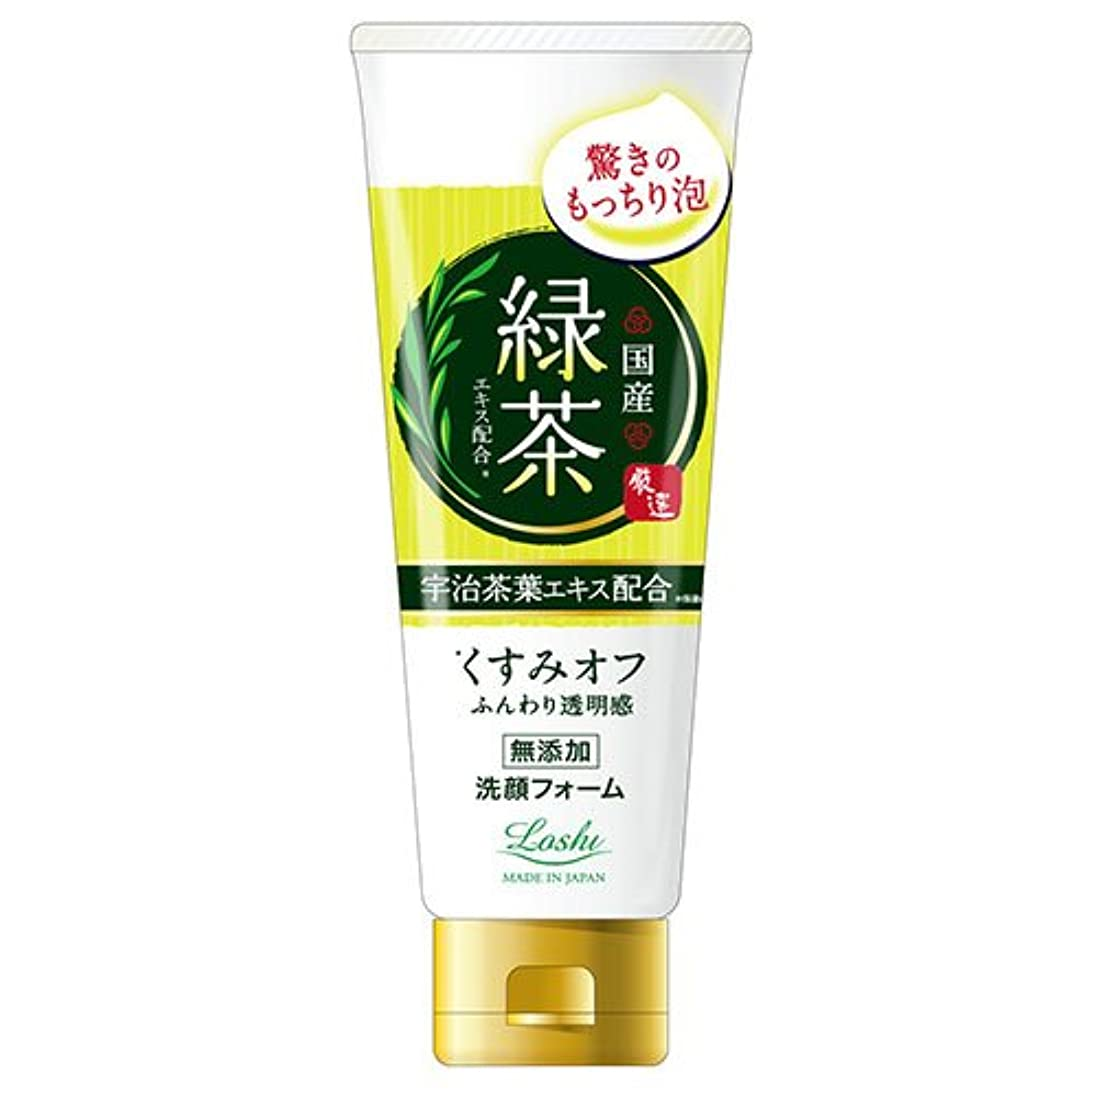 闇落胆する直面するロッシモイストエイド 国産 ホイップ洗顔 緑茶 120g